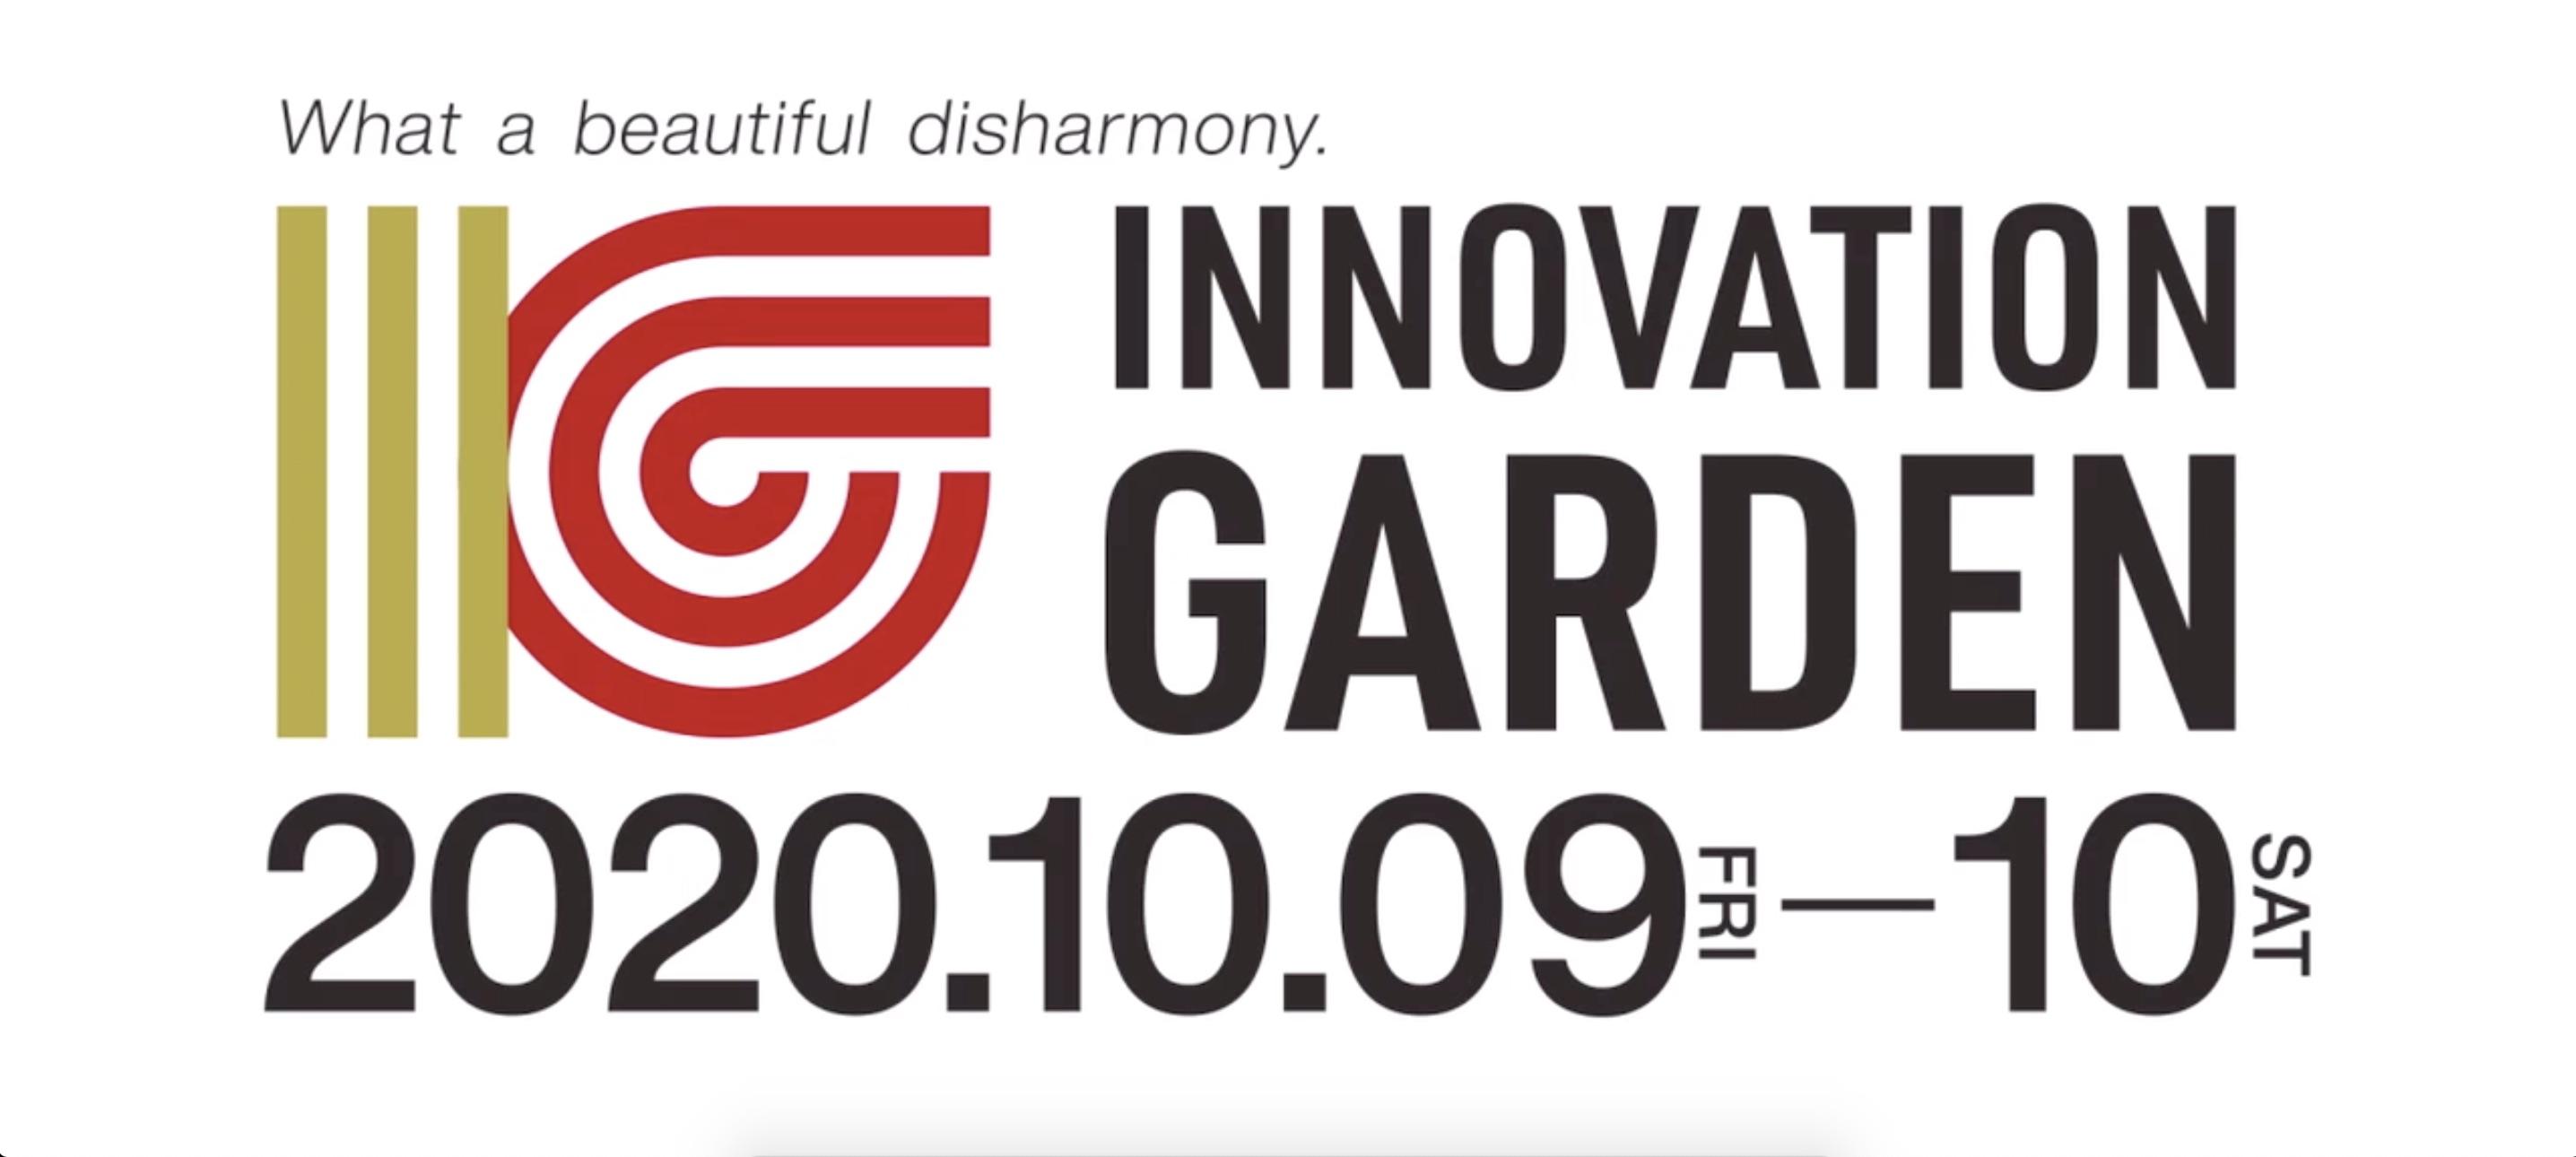 innovation-garden.jpg